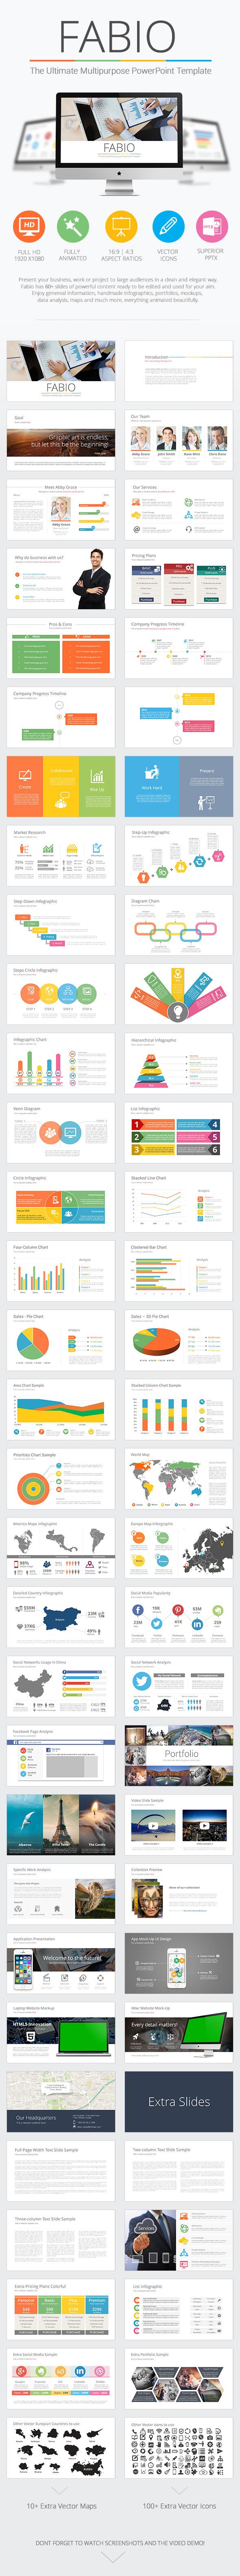 Fabio - Ultimate Multipurpose PowerPoint Template (Powerpoint Templates)